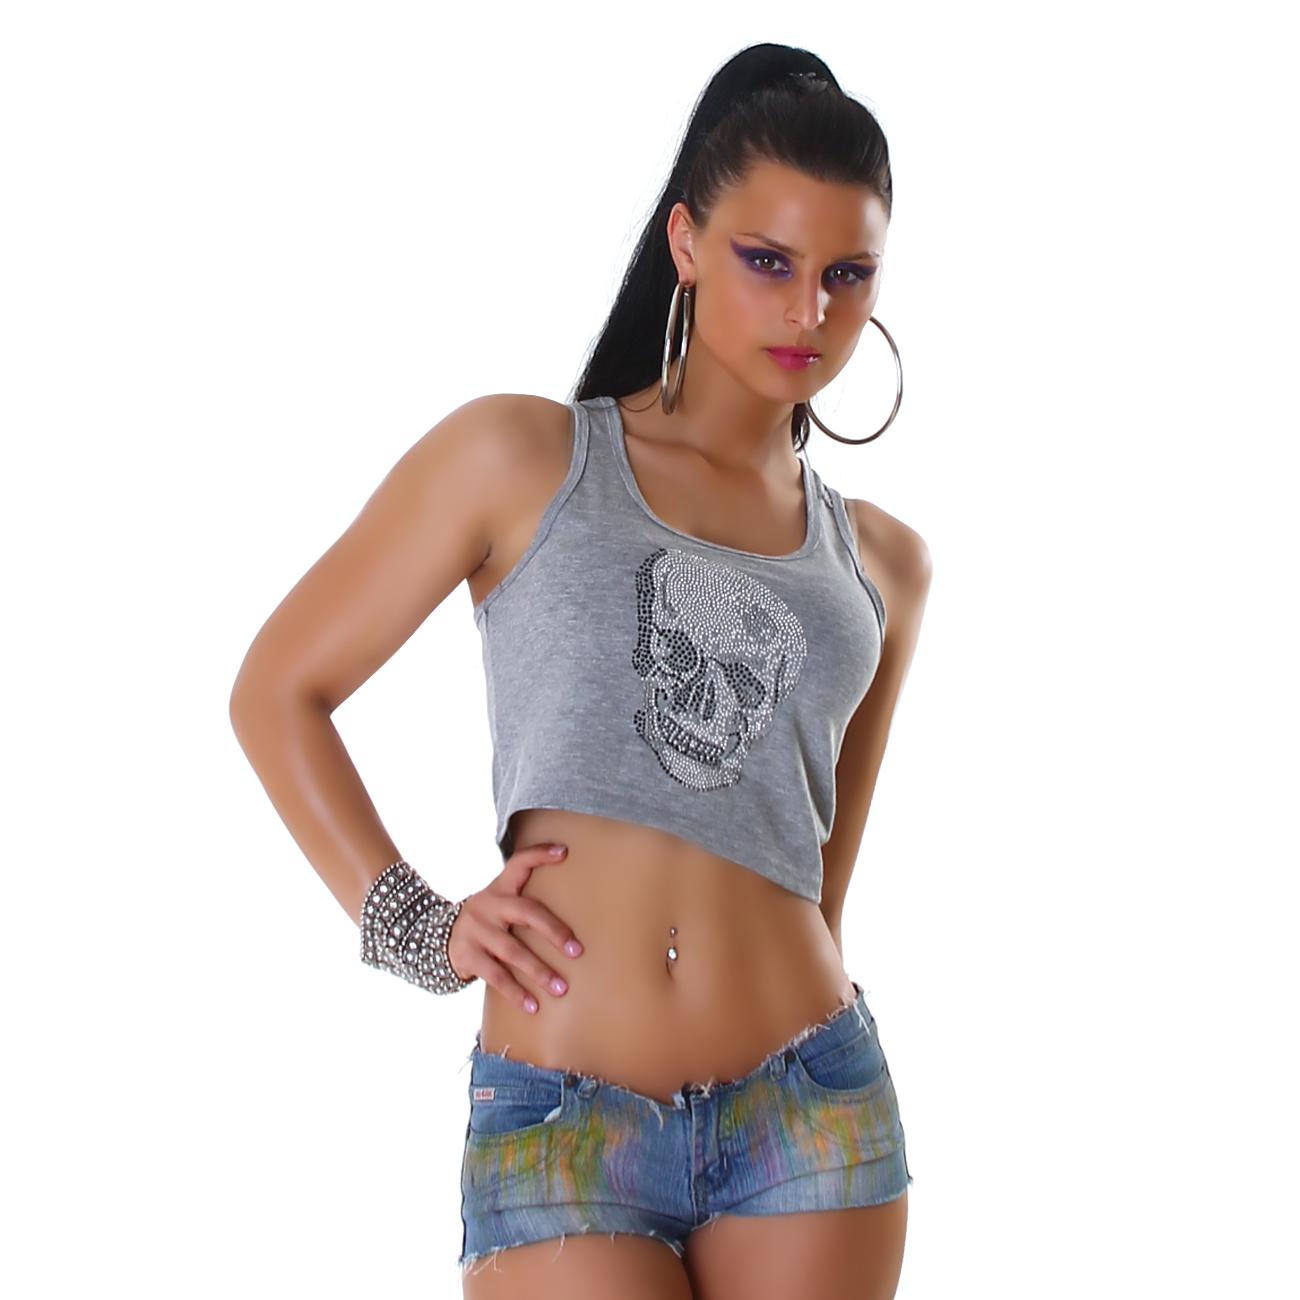 Vicy24.de - Top bauchfrei Totenkopf Shirt Tanktop T-Shirt